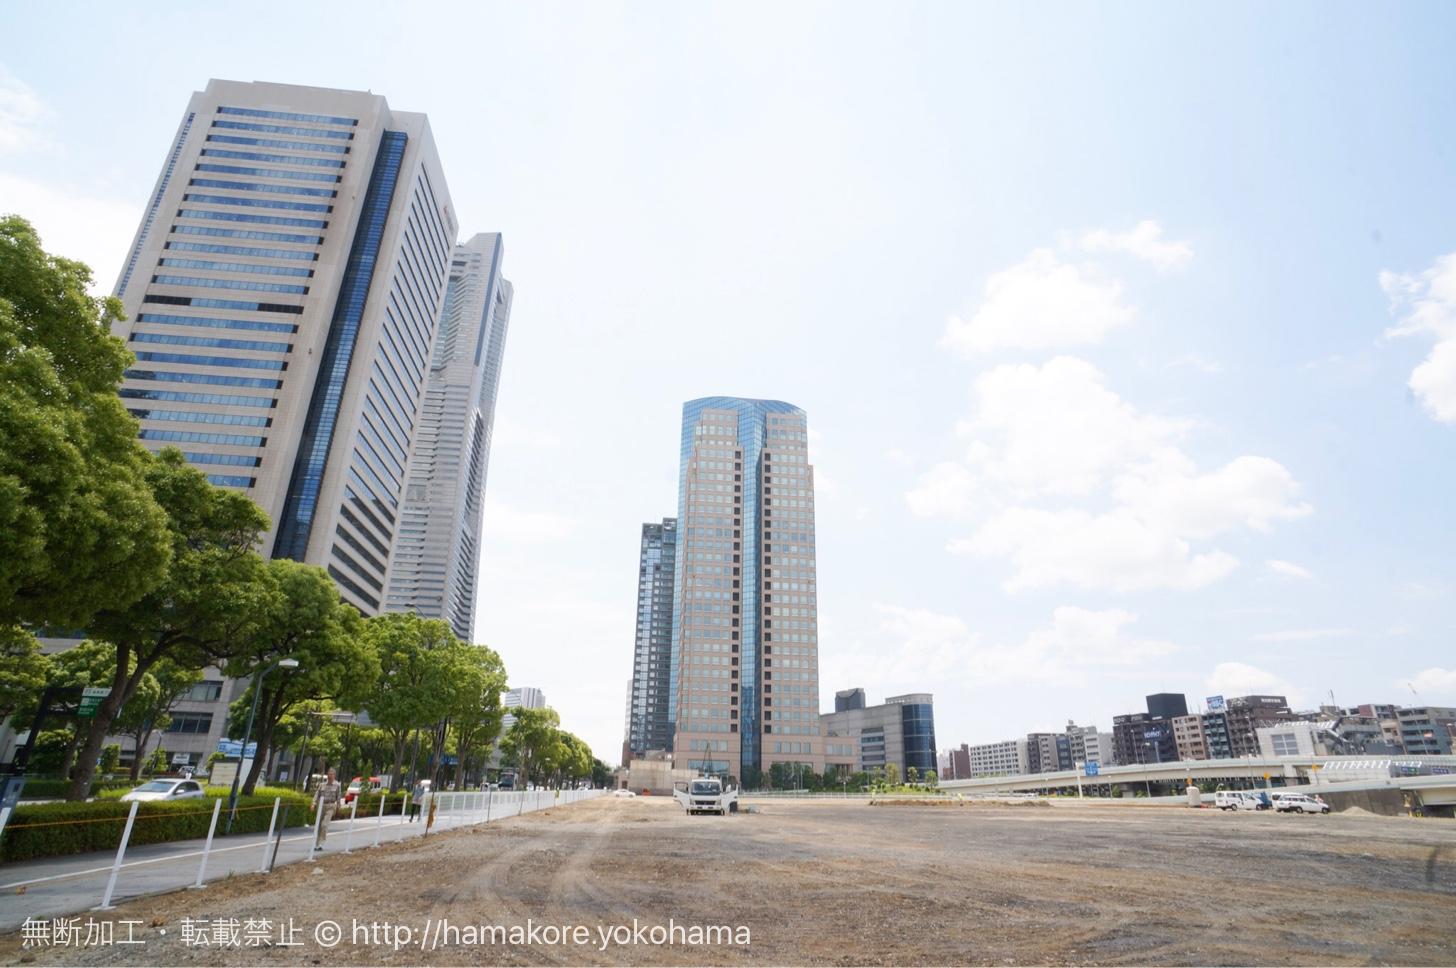 横浜みなとみらい トヨタジョイパークと日産カーパレスの跡地